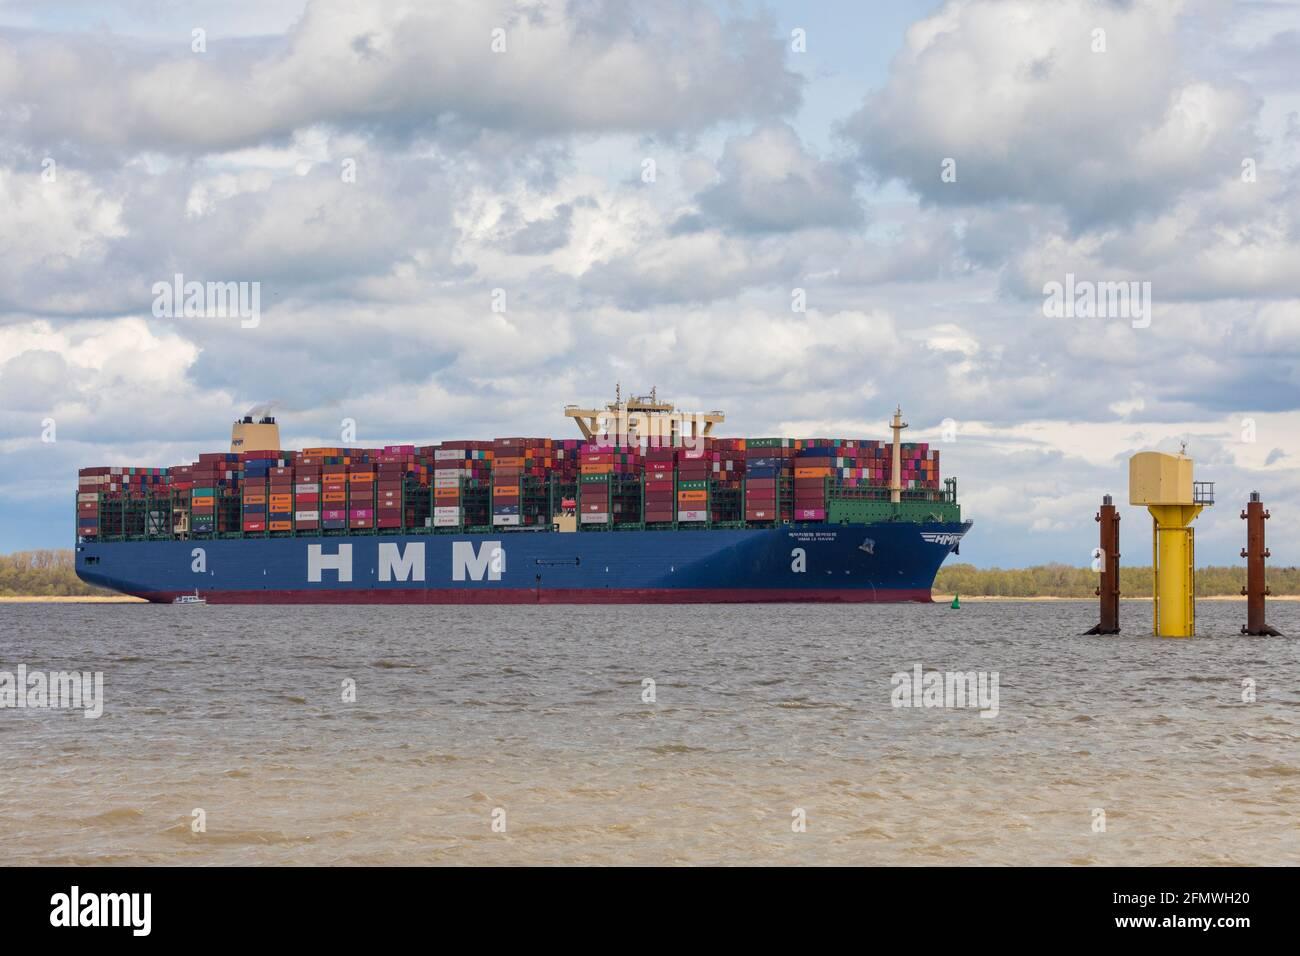 Stade, Germania – 7 maggio 2021: HMM LE HAVRE, con le sue navi gemelle della classe Megamax, la più grande nave portacontainer del mondo. Foto Stock